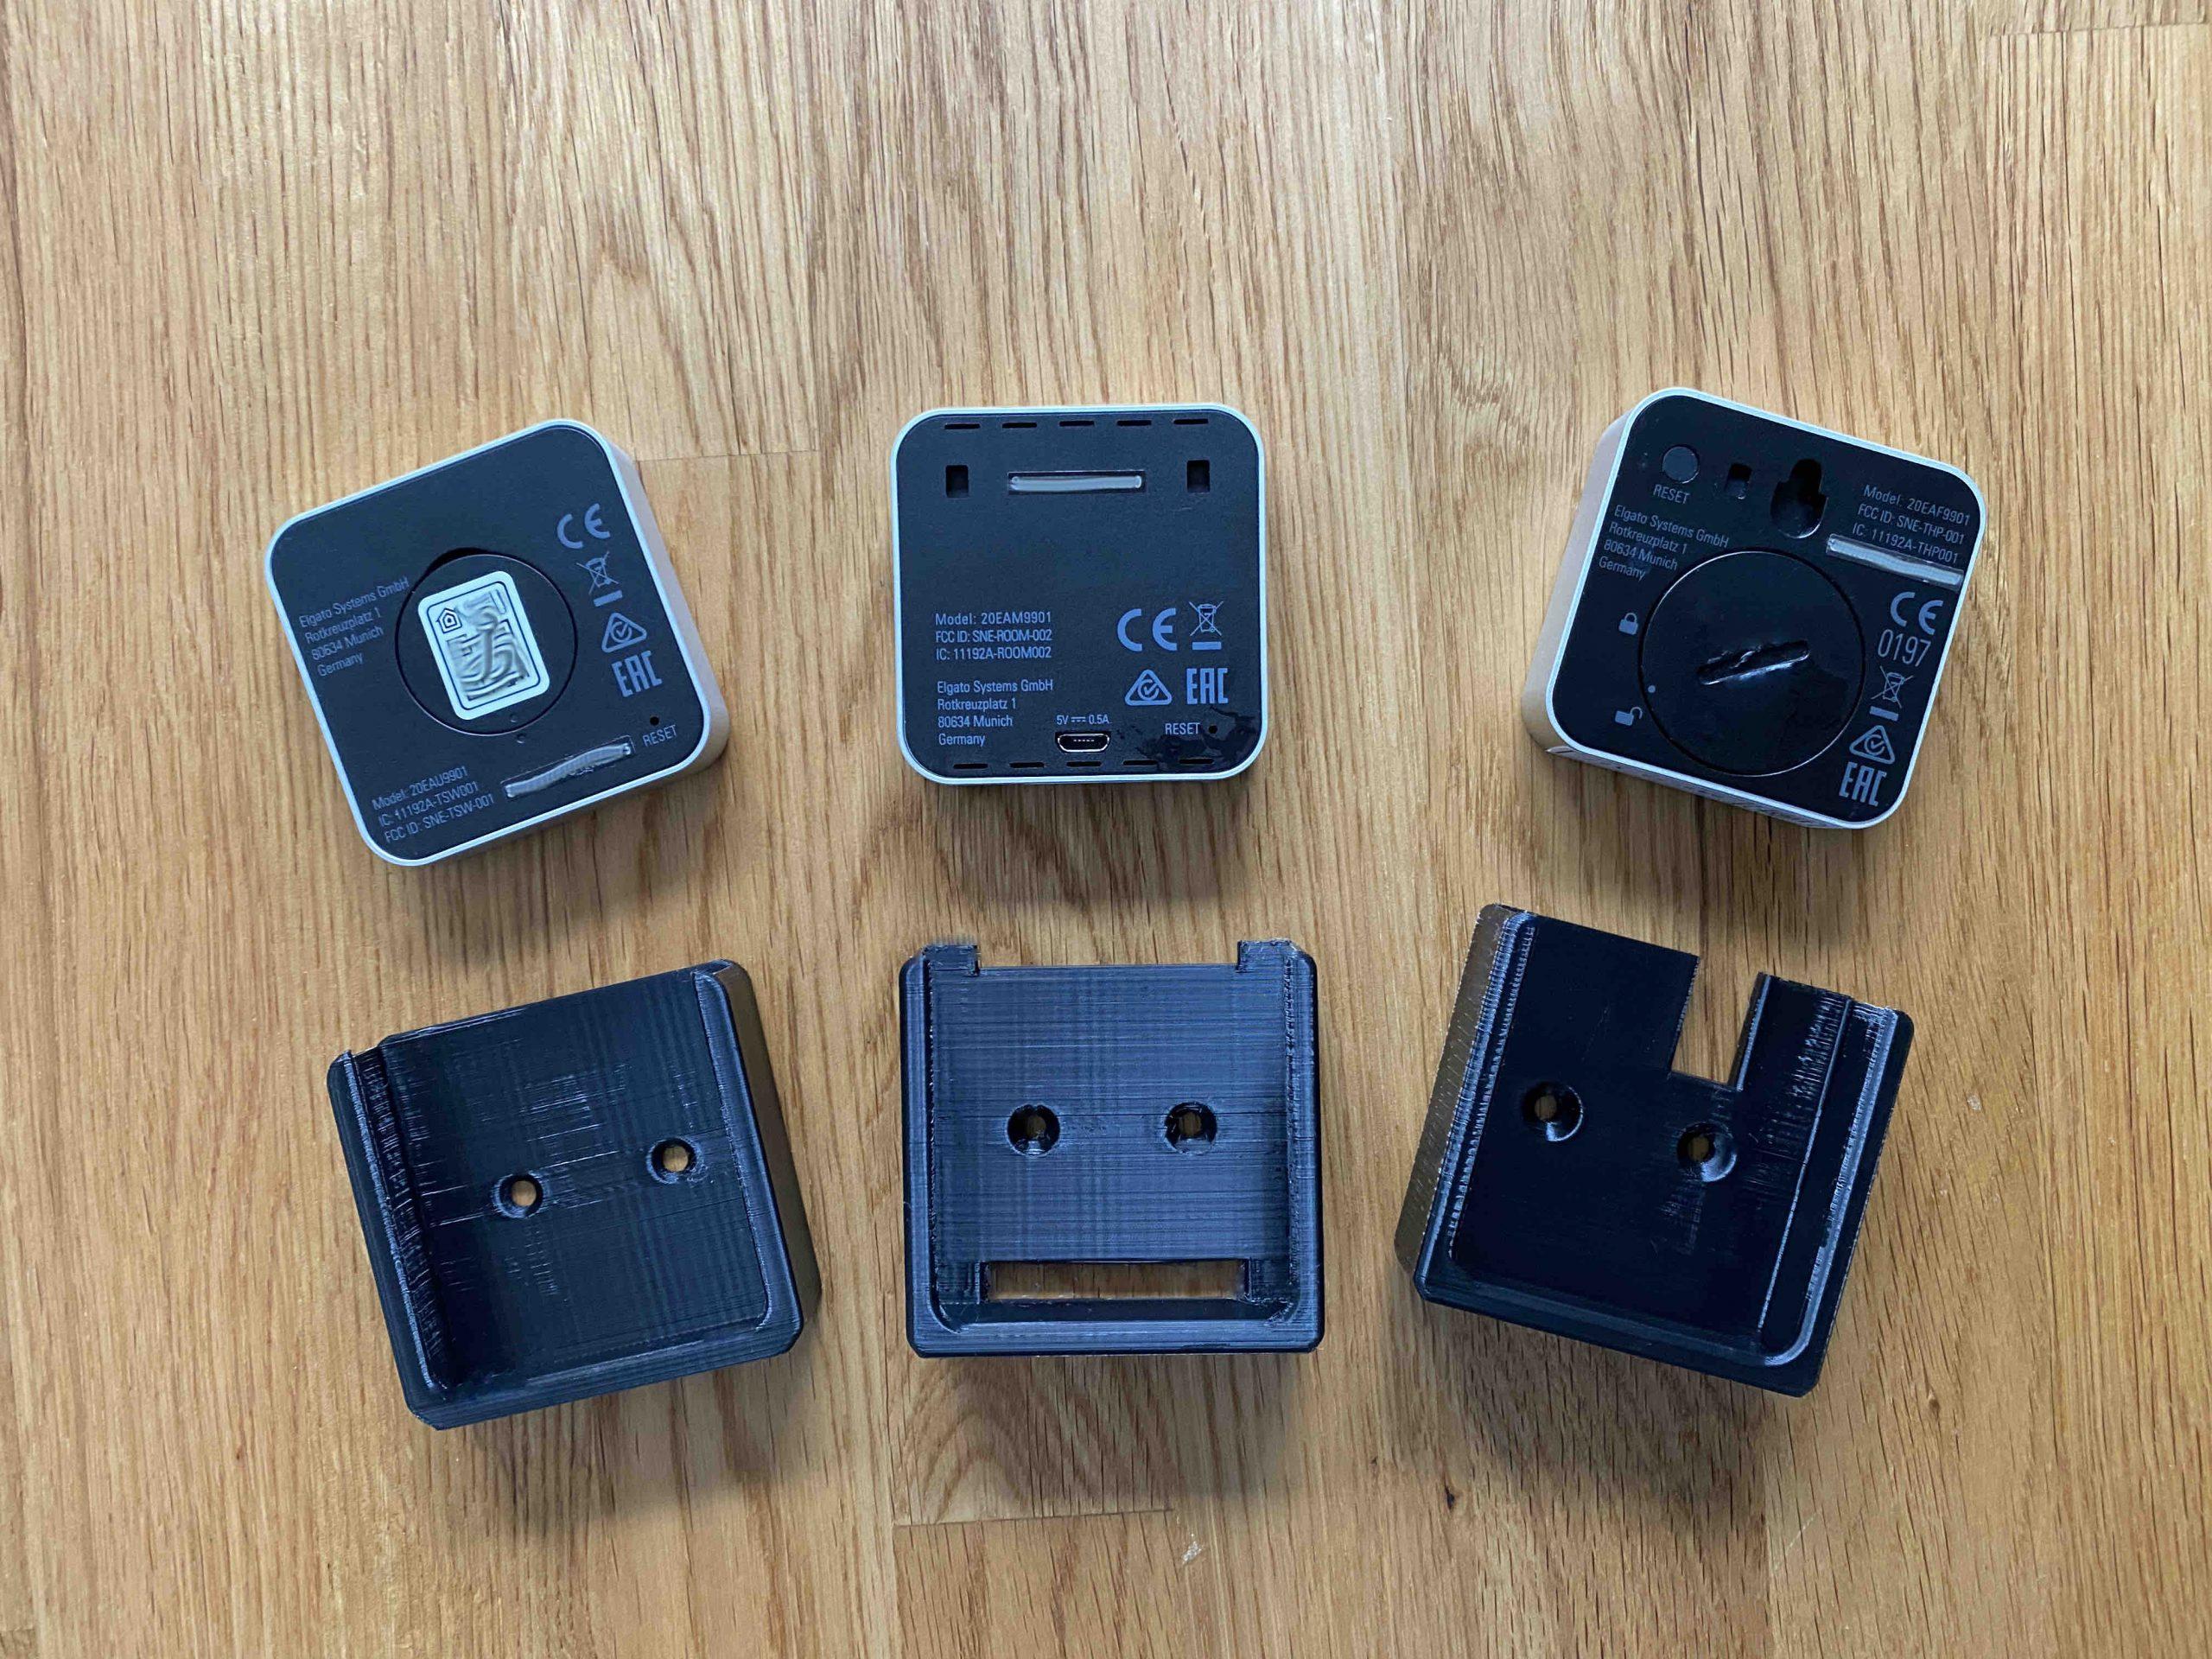 Aus-dem-3D-Drucker-Wandhalterungen-für-Apple-HomeKit-Geräte-von-Eve2-scaled Aus dem 3D-Drucker: Wandhalterungen für Apple HomeKit Geräte von Eve